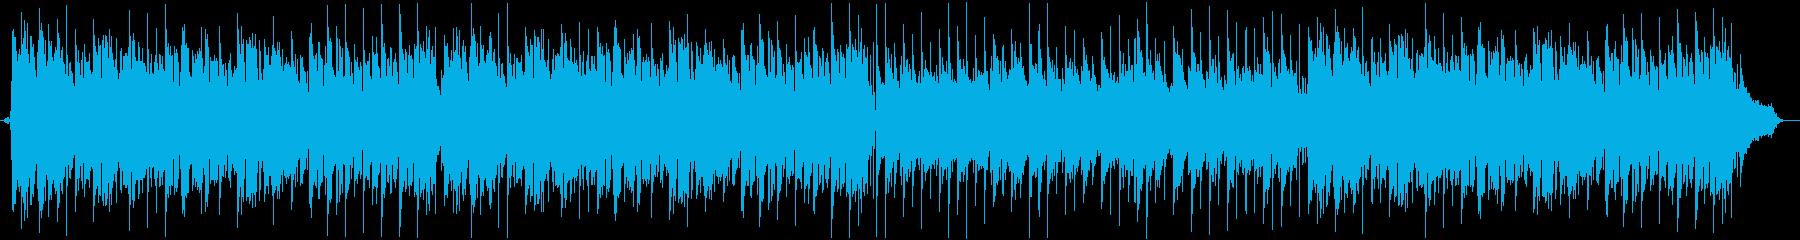 洋楽オールディーズの夏バラードの再生済みの波形